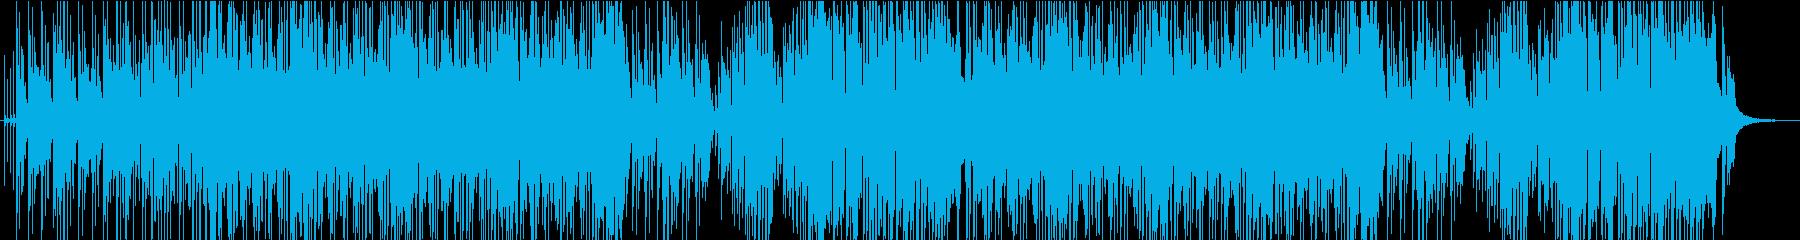 ノリノリなJazzビッグバンドブラス!の再生済みの波形